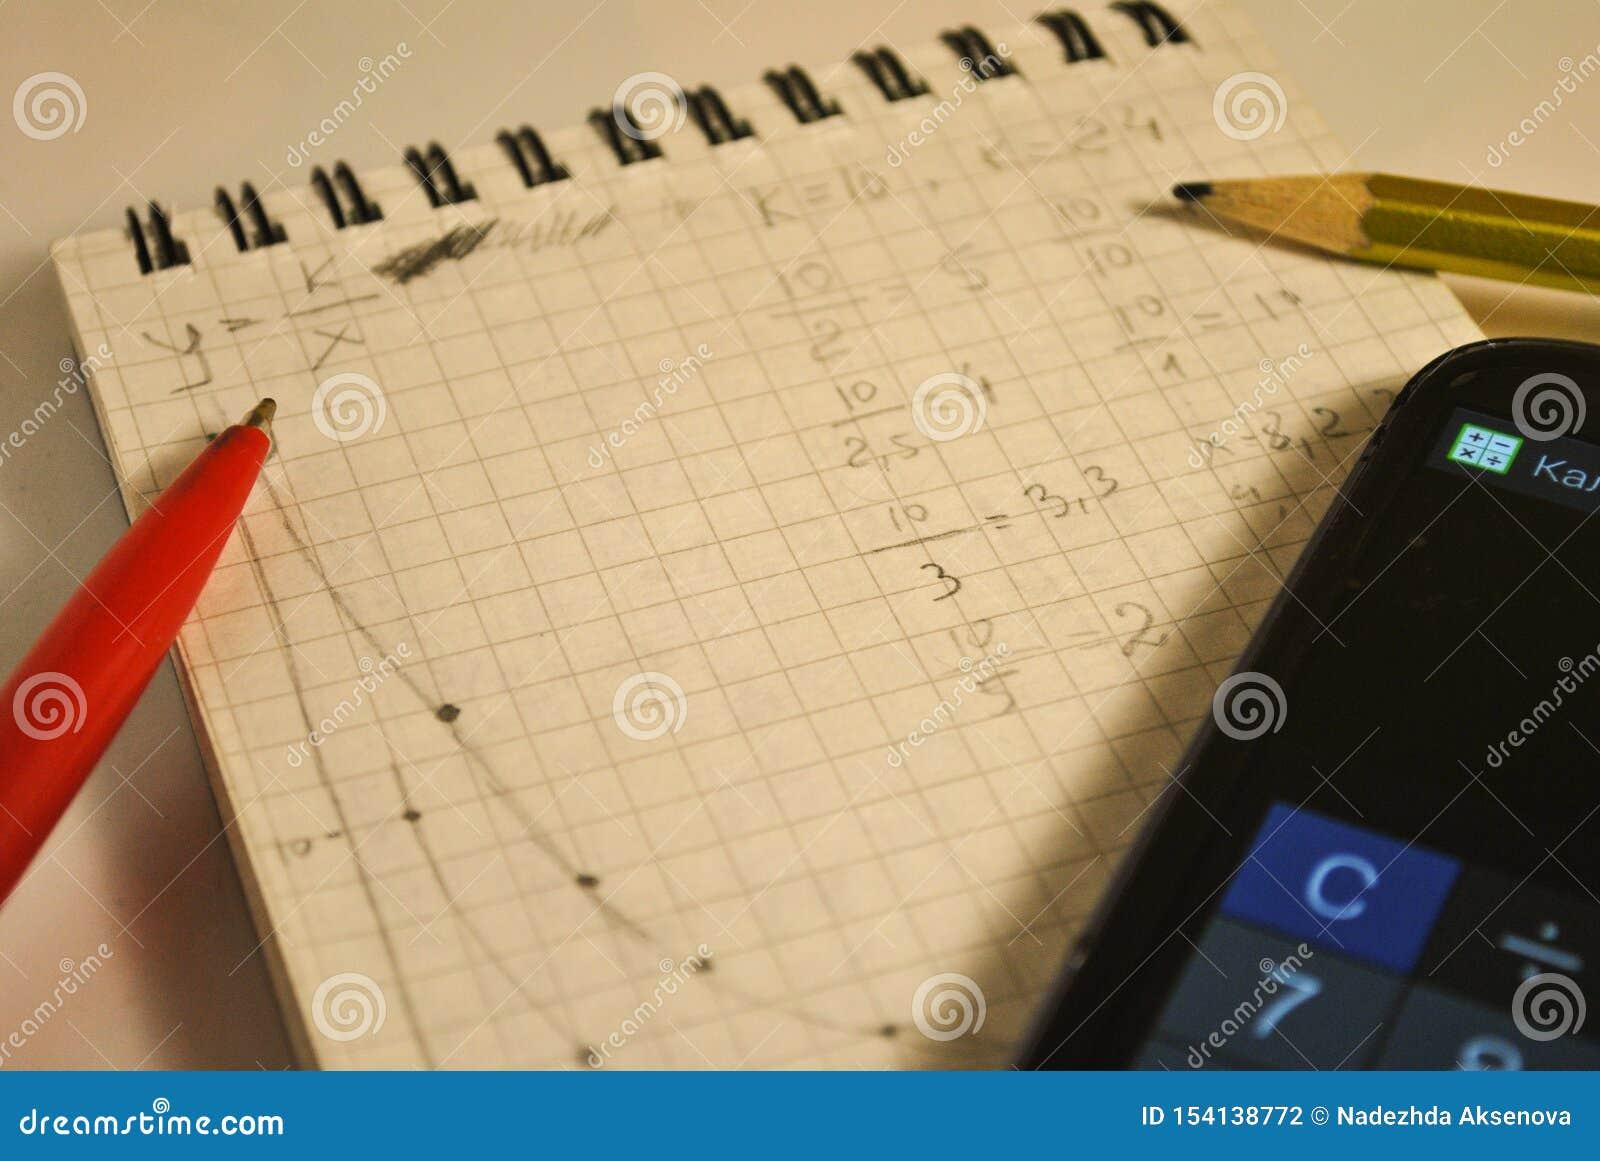 笔记本,惯例,数学图表,家庭作业,手机